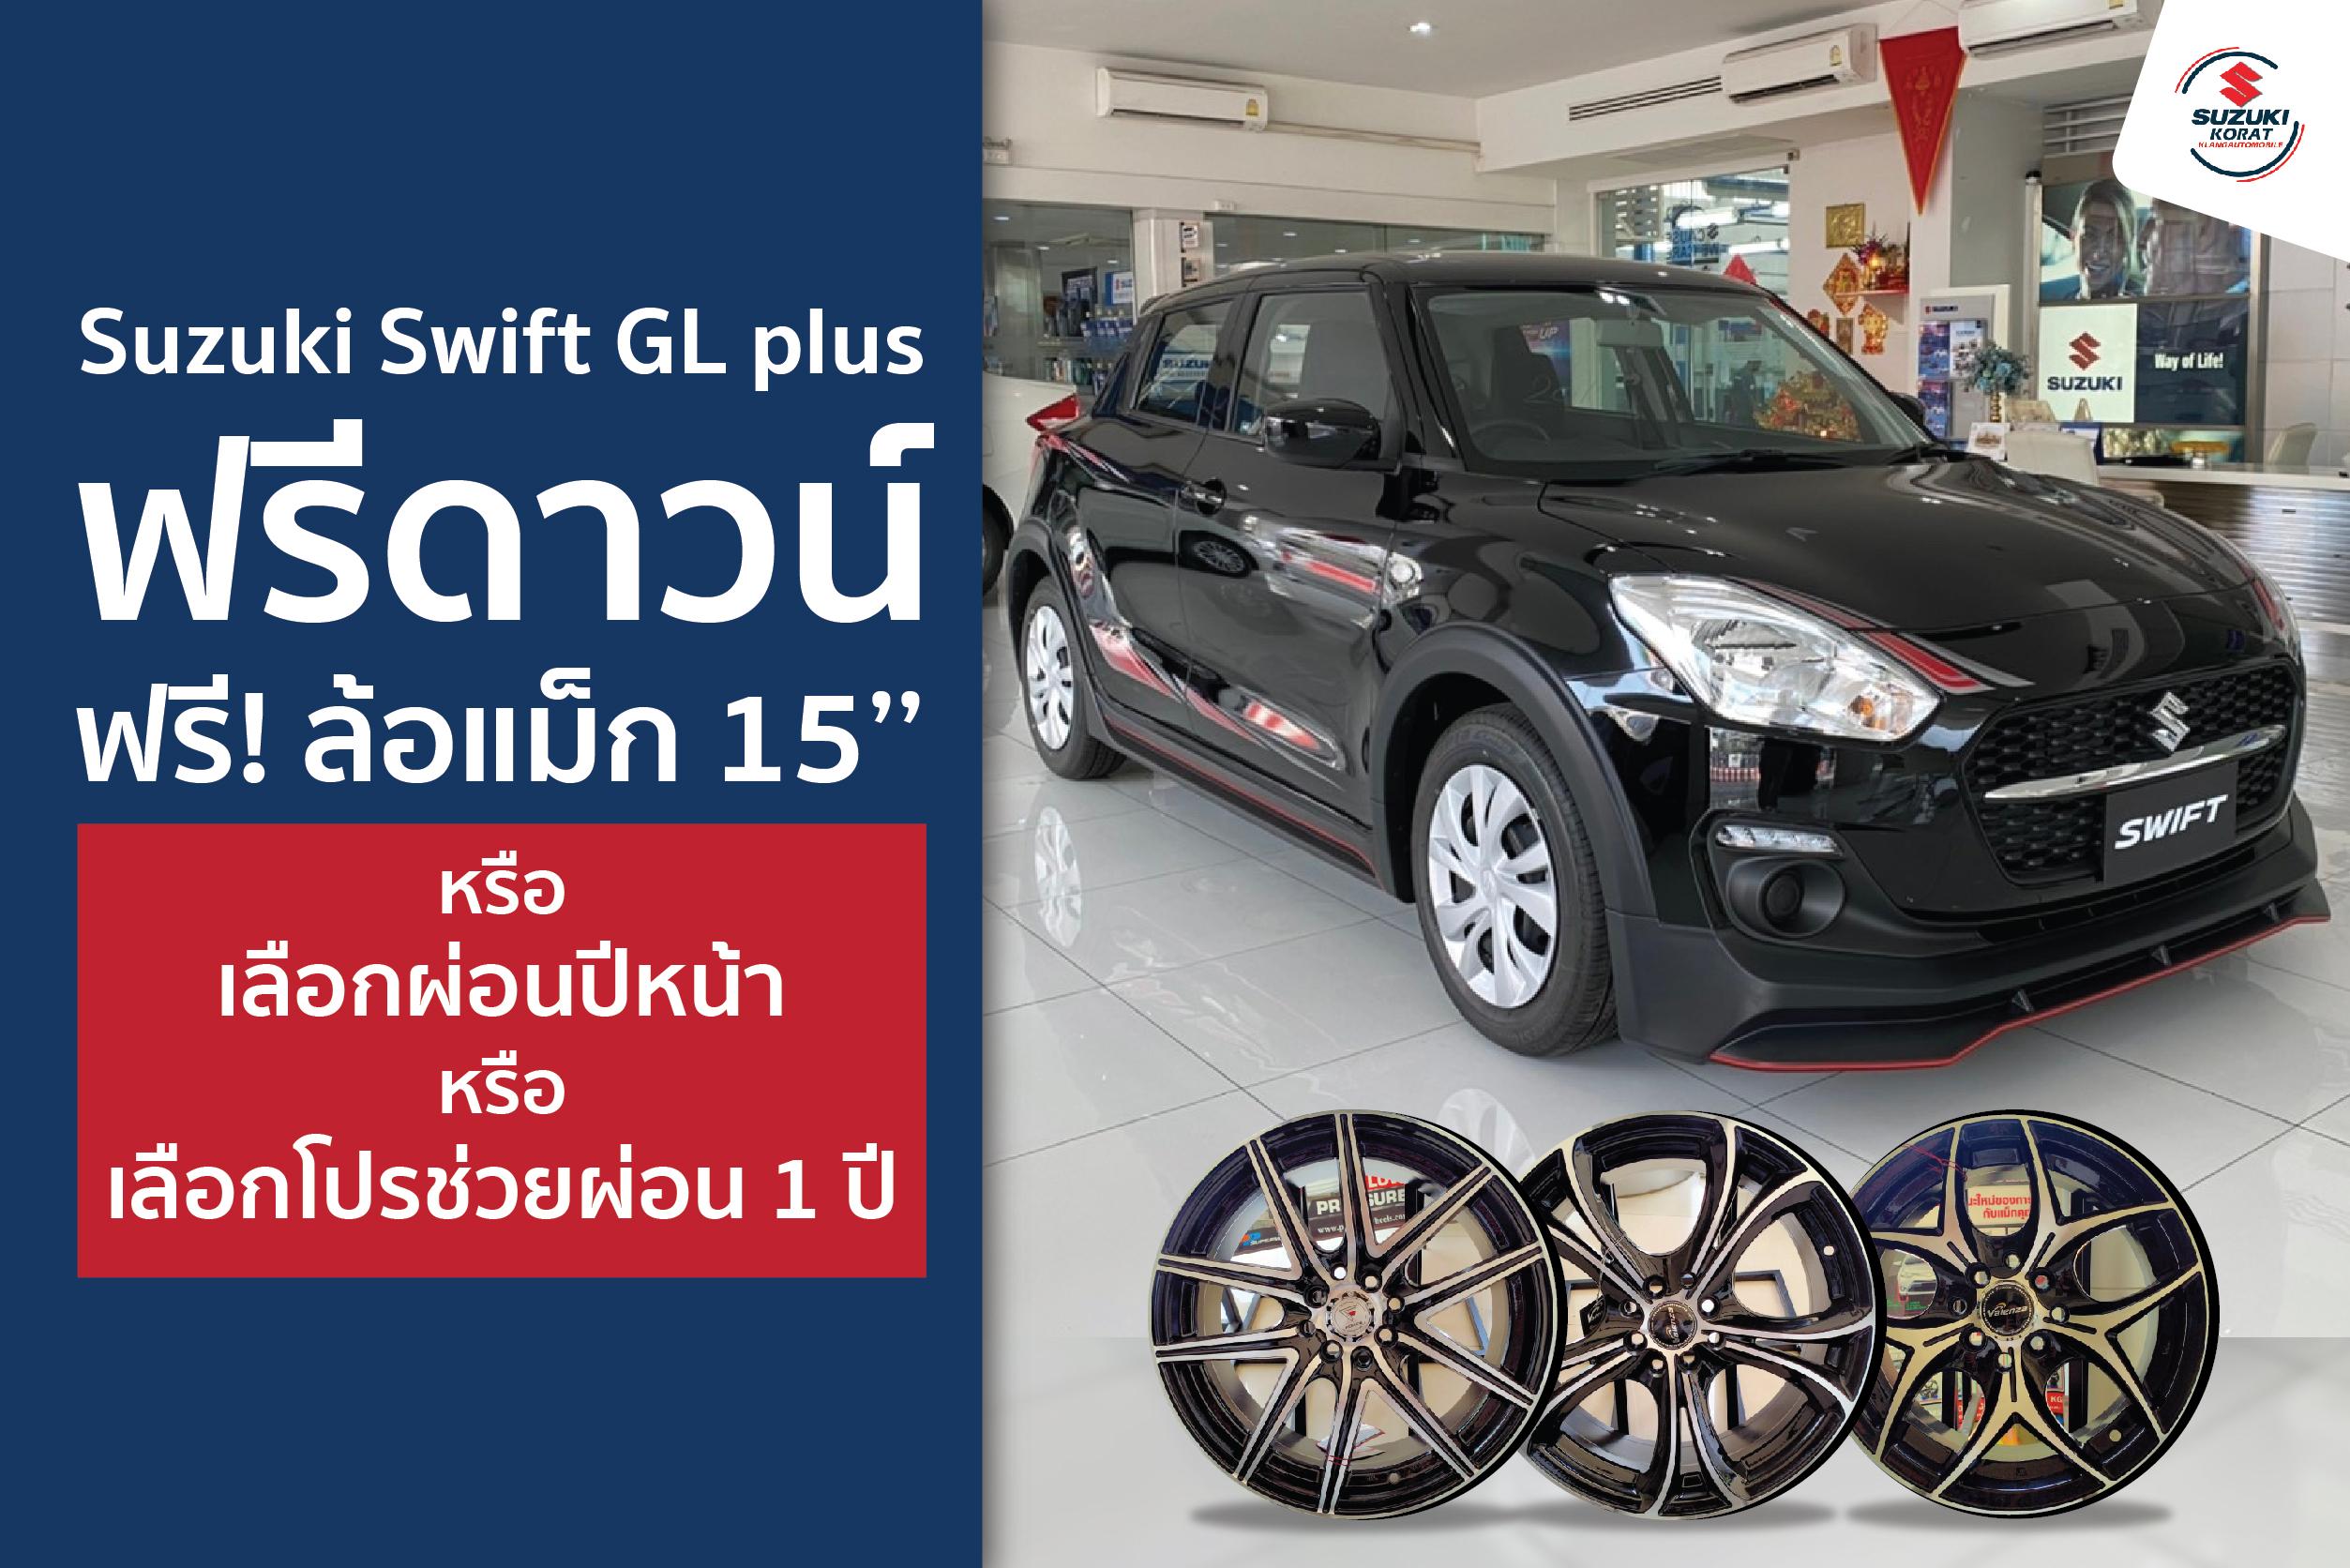 ใหม่!! Suzuki Swift GL plus  ฟรีดาวน์ พร้อมรับฟรี ล้อแม็ก 15″ จะผ่อนปีหน้า หรือให้เราช่วยผ่อน 1 ปี